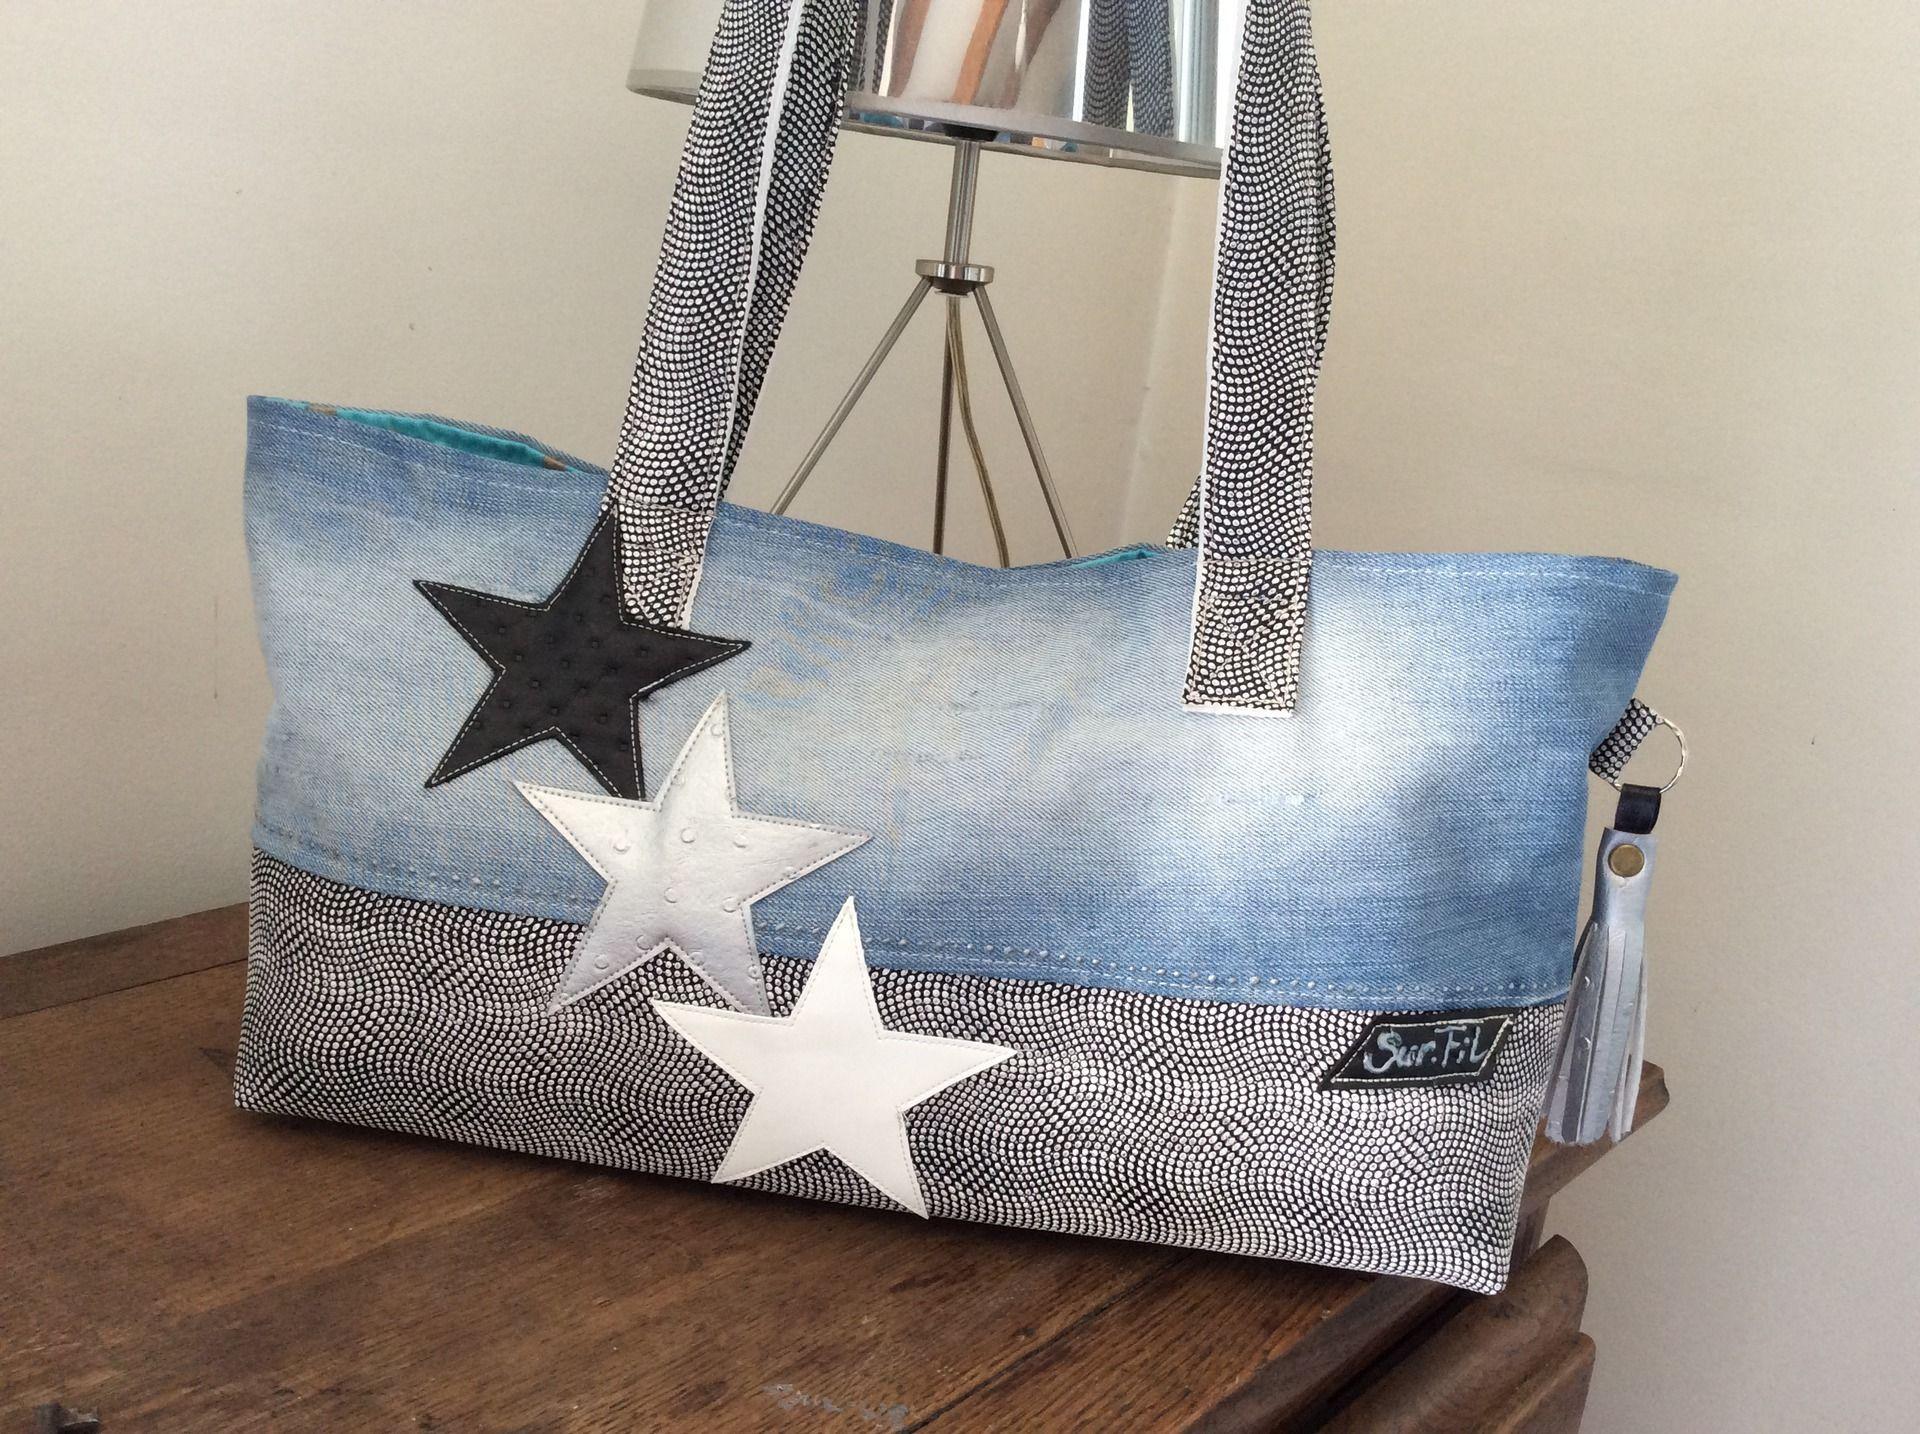 sac be star en simili noirblanc et argent et jean bleu clair sacs main sac en jean. Black Bedroom Furniture Sets. Home Design Ideas